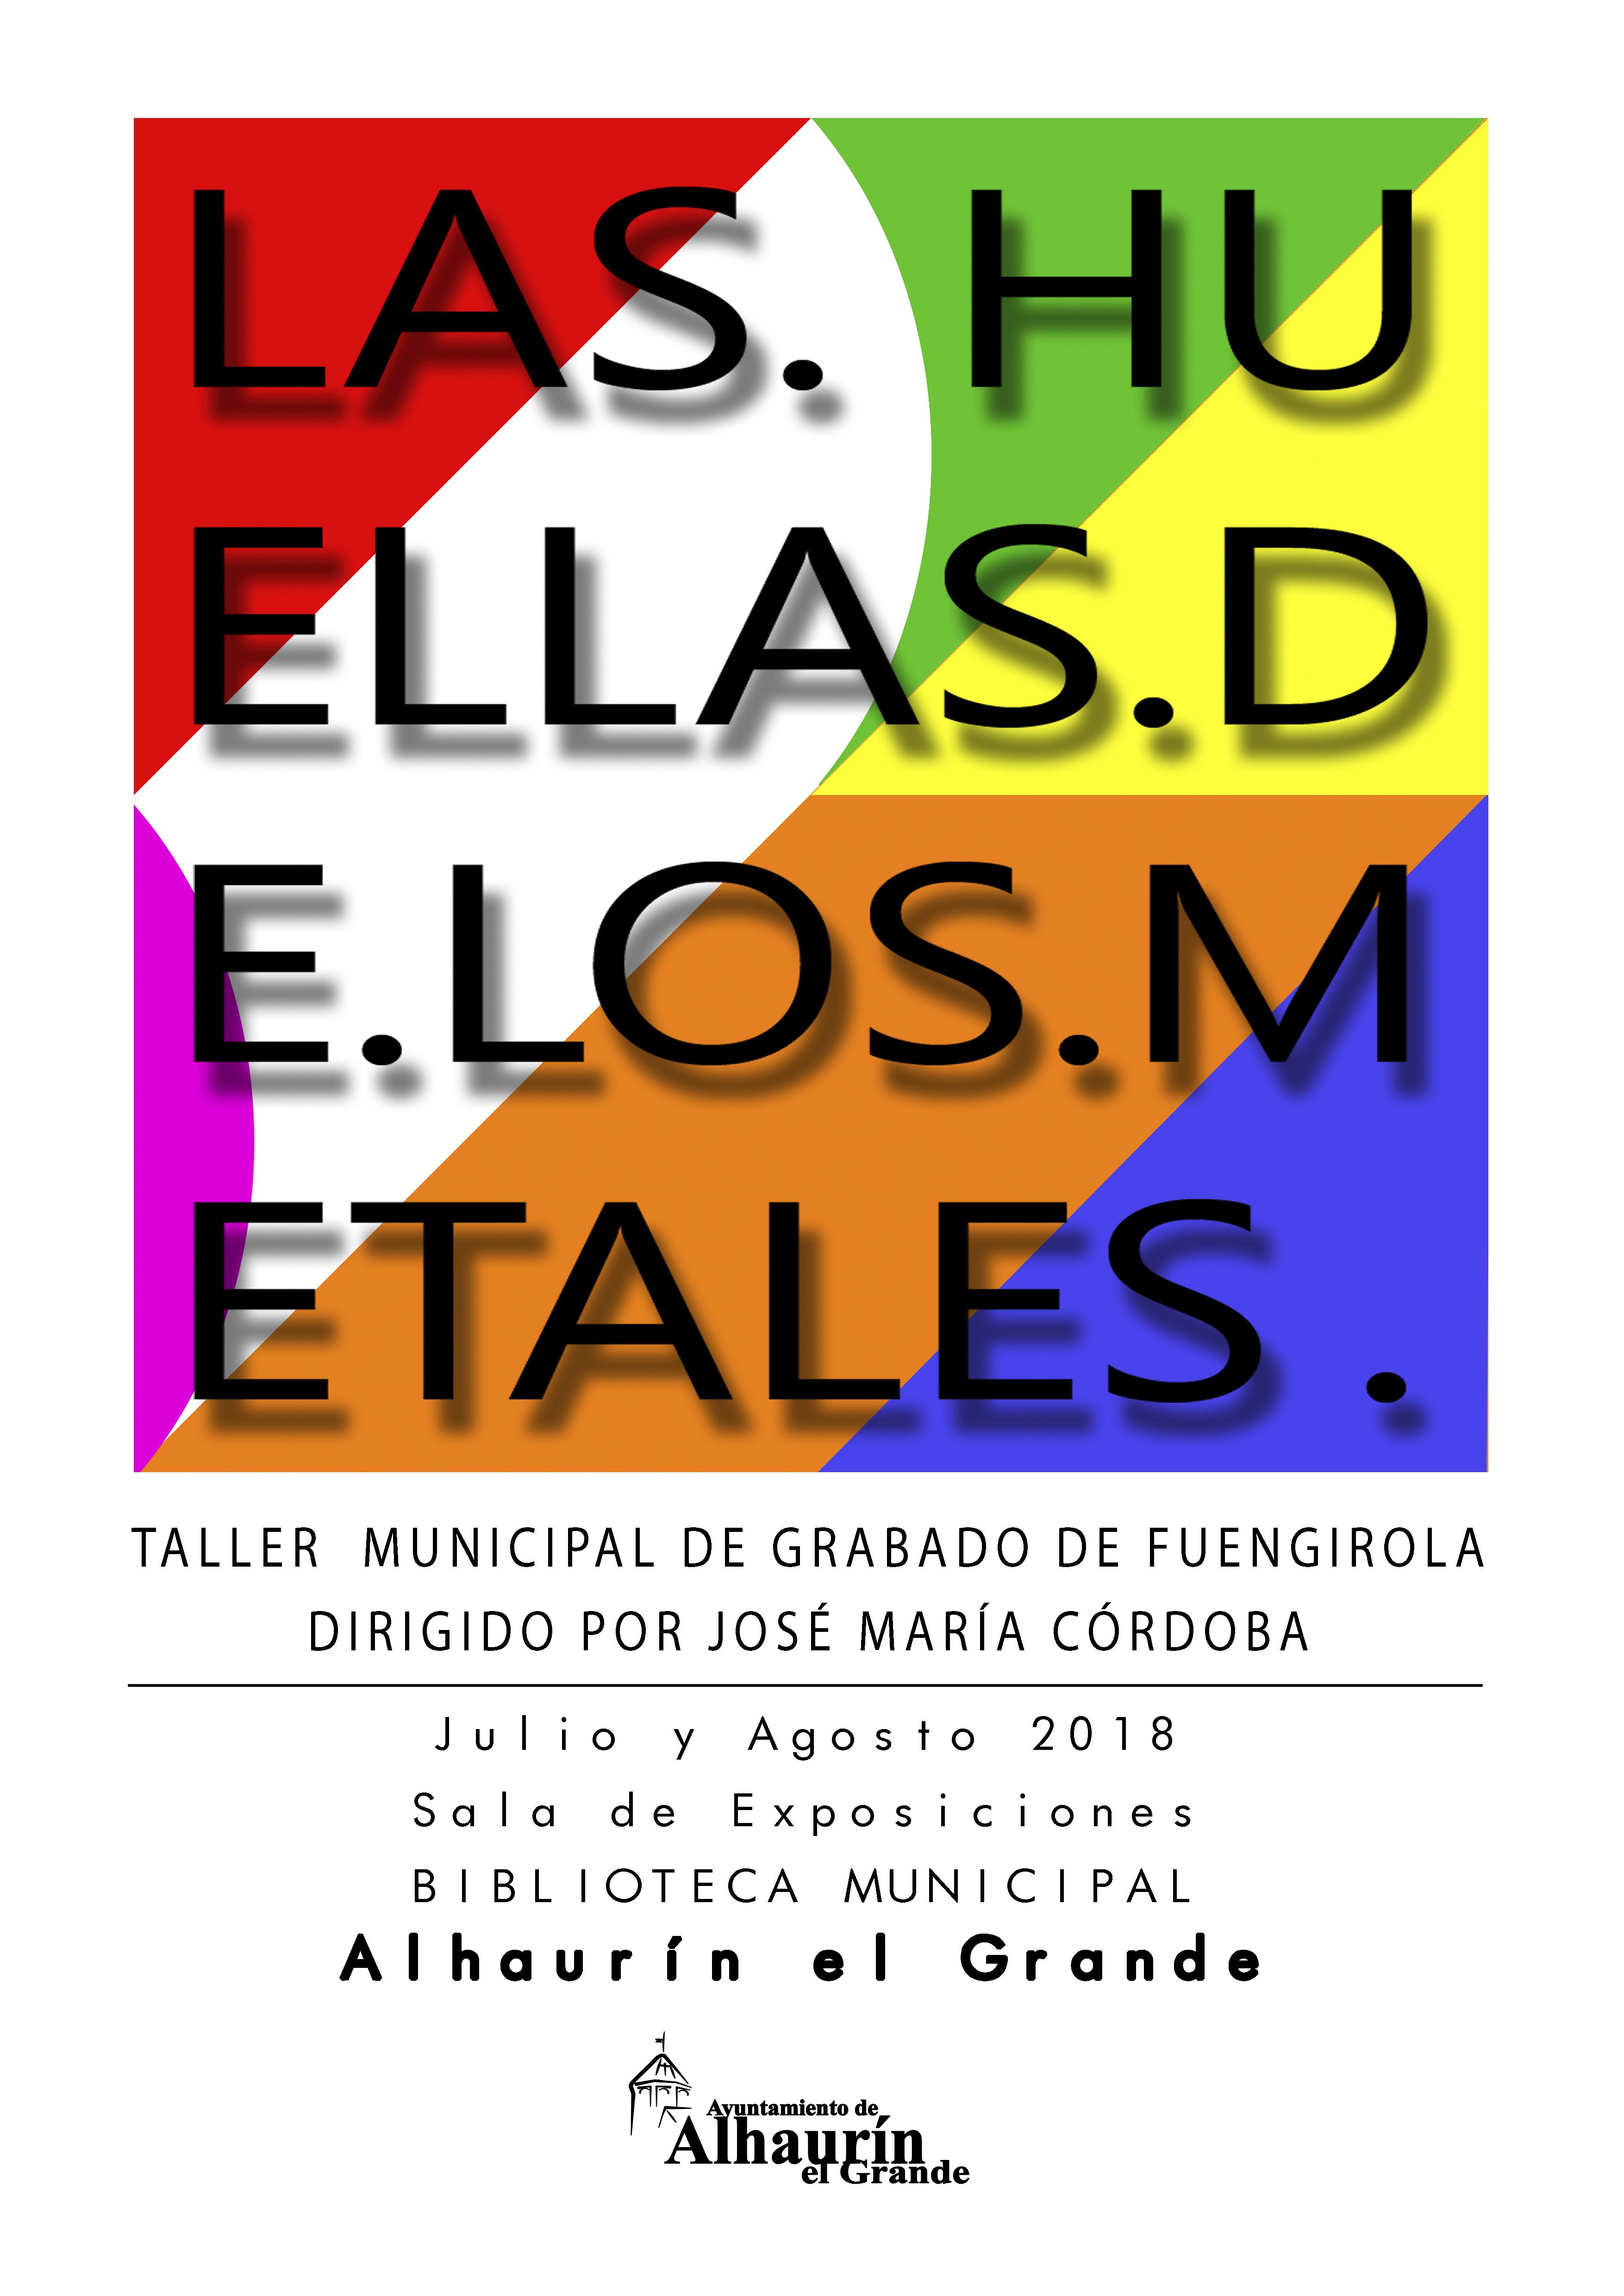 La sala de exposiciones de la Biblioteca Municipal de Alhaurín El Grande acoge una muestra del Taller de Grabado de Fuengirola del artista José María Córdoba